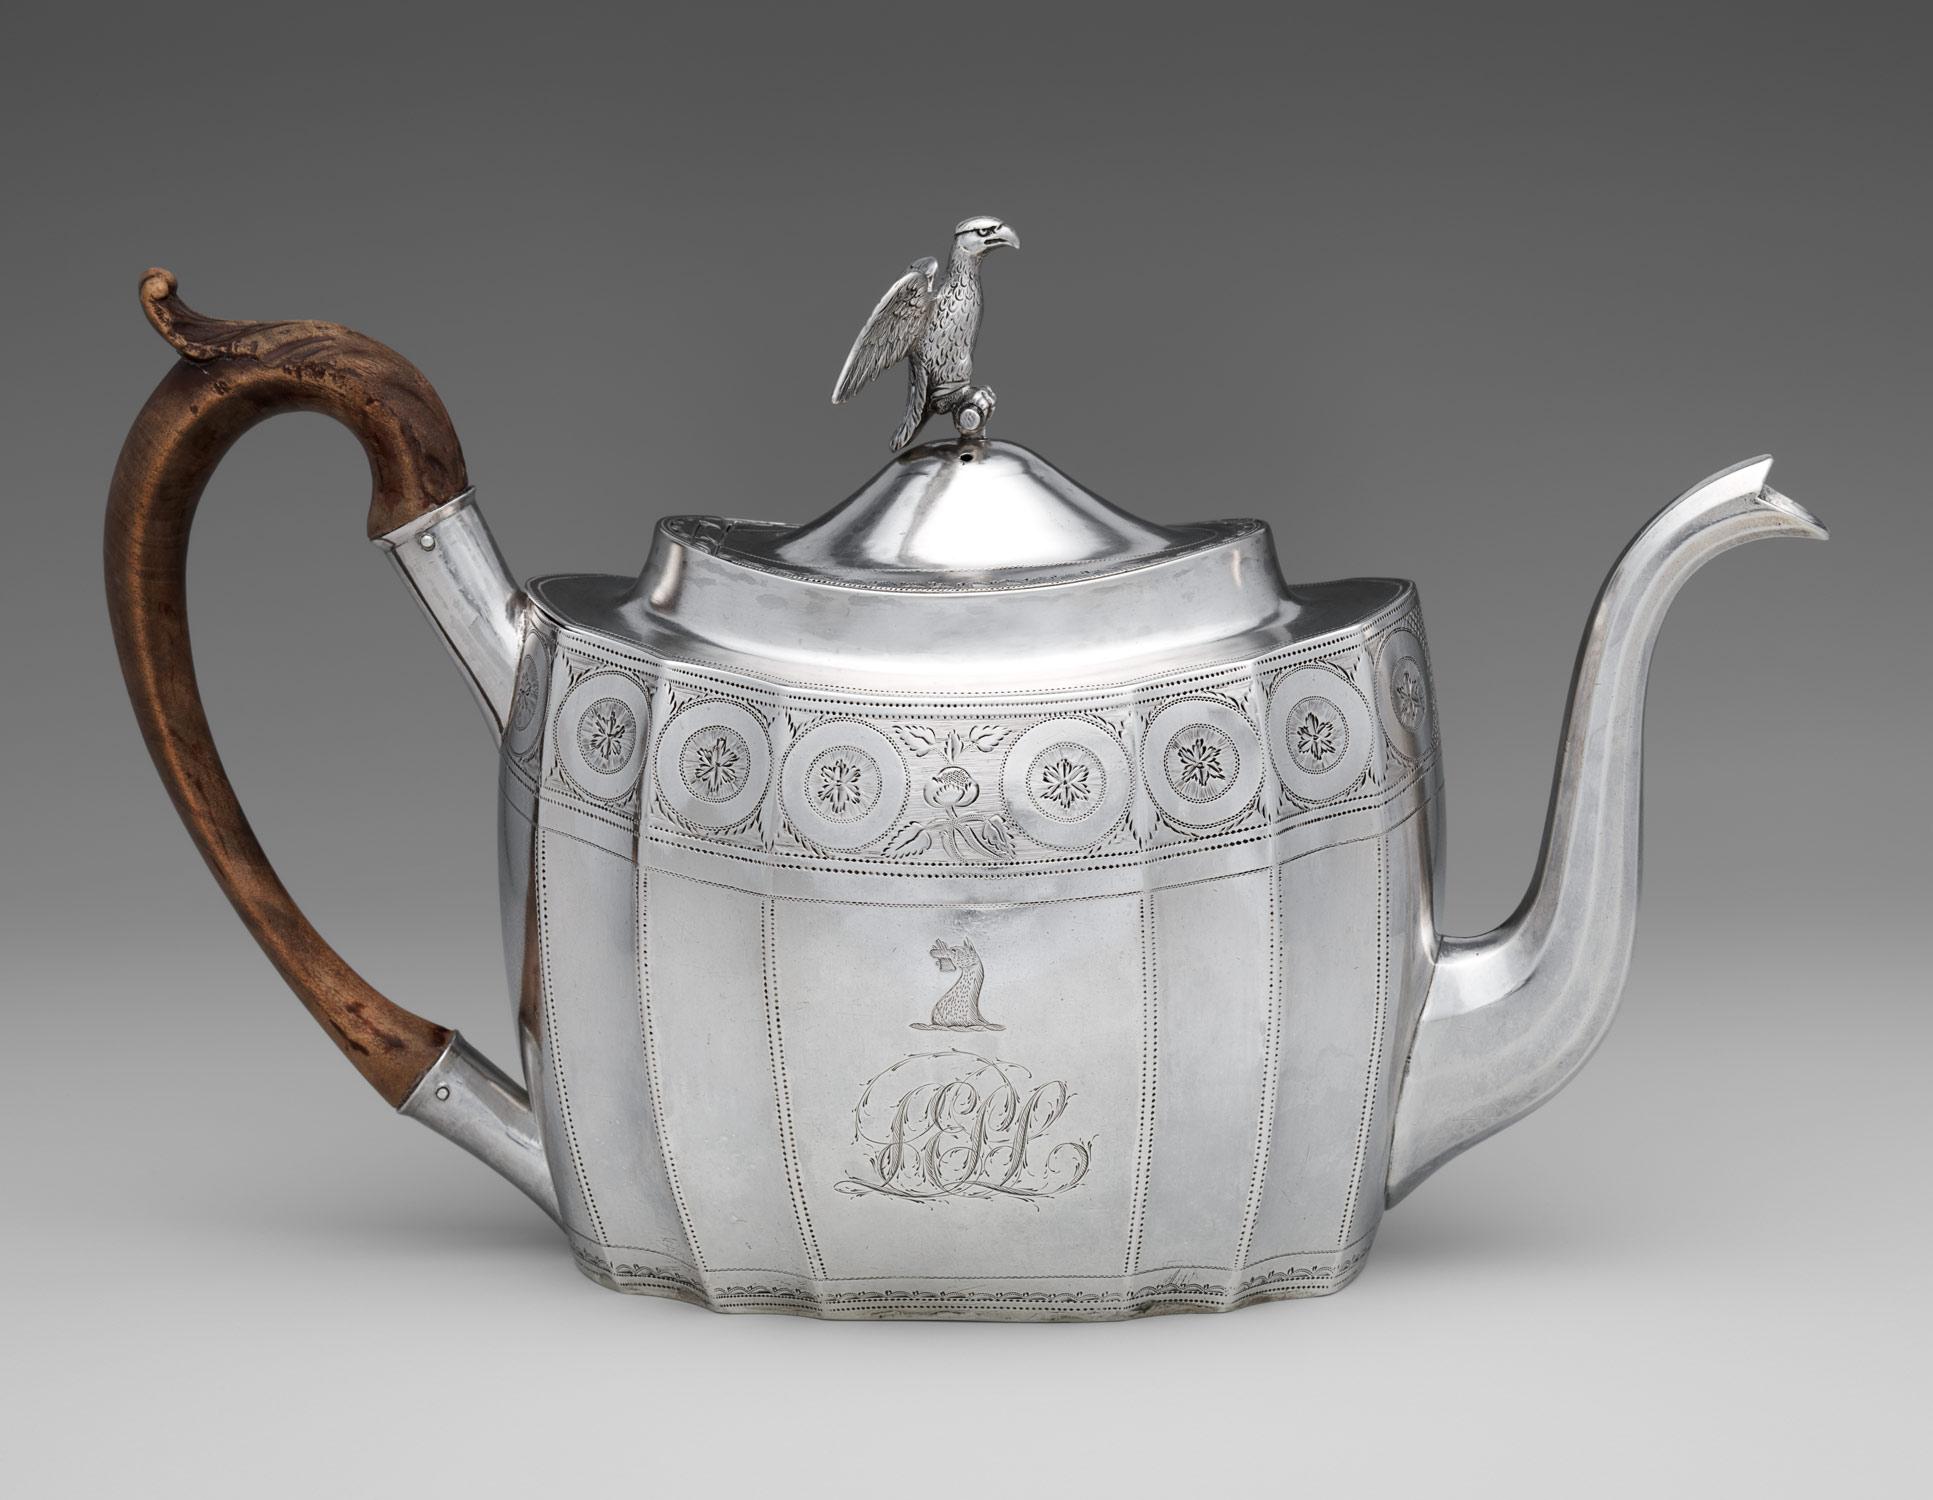 ティーポット 1800年頃